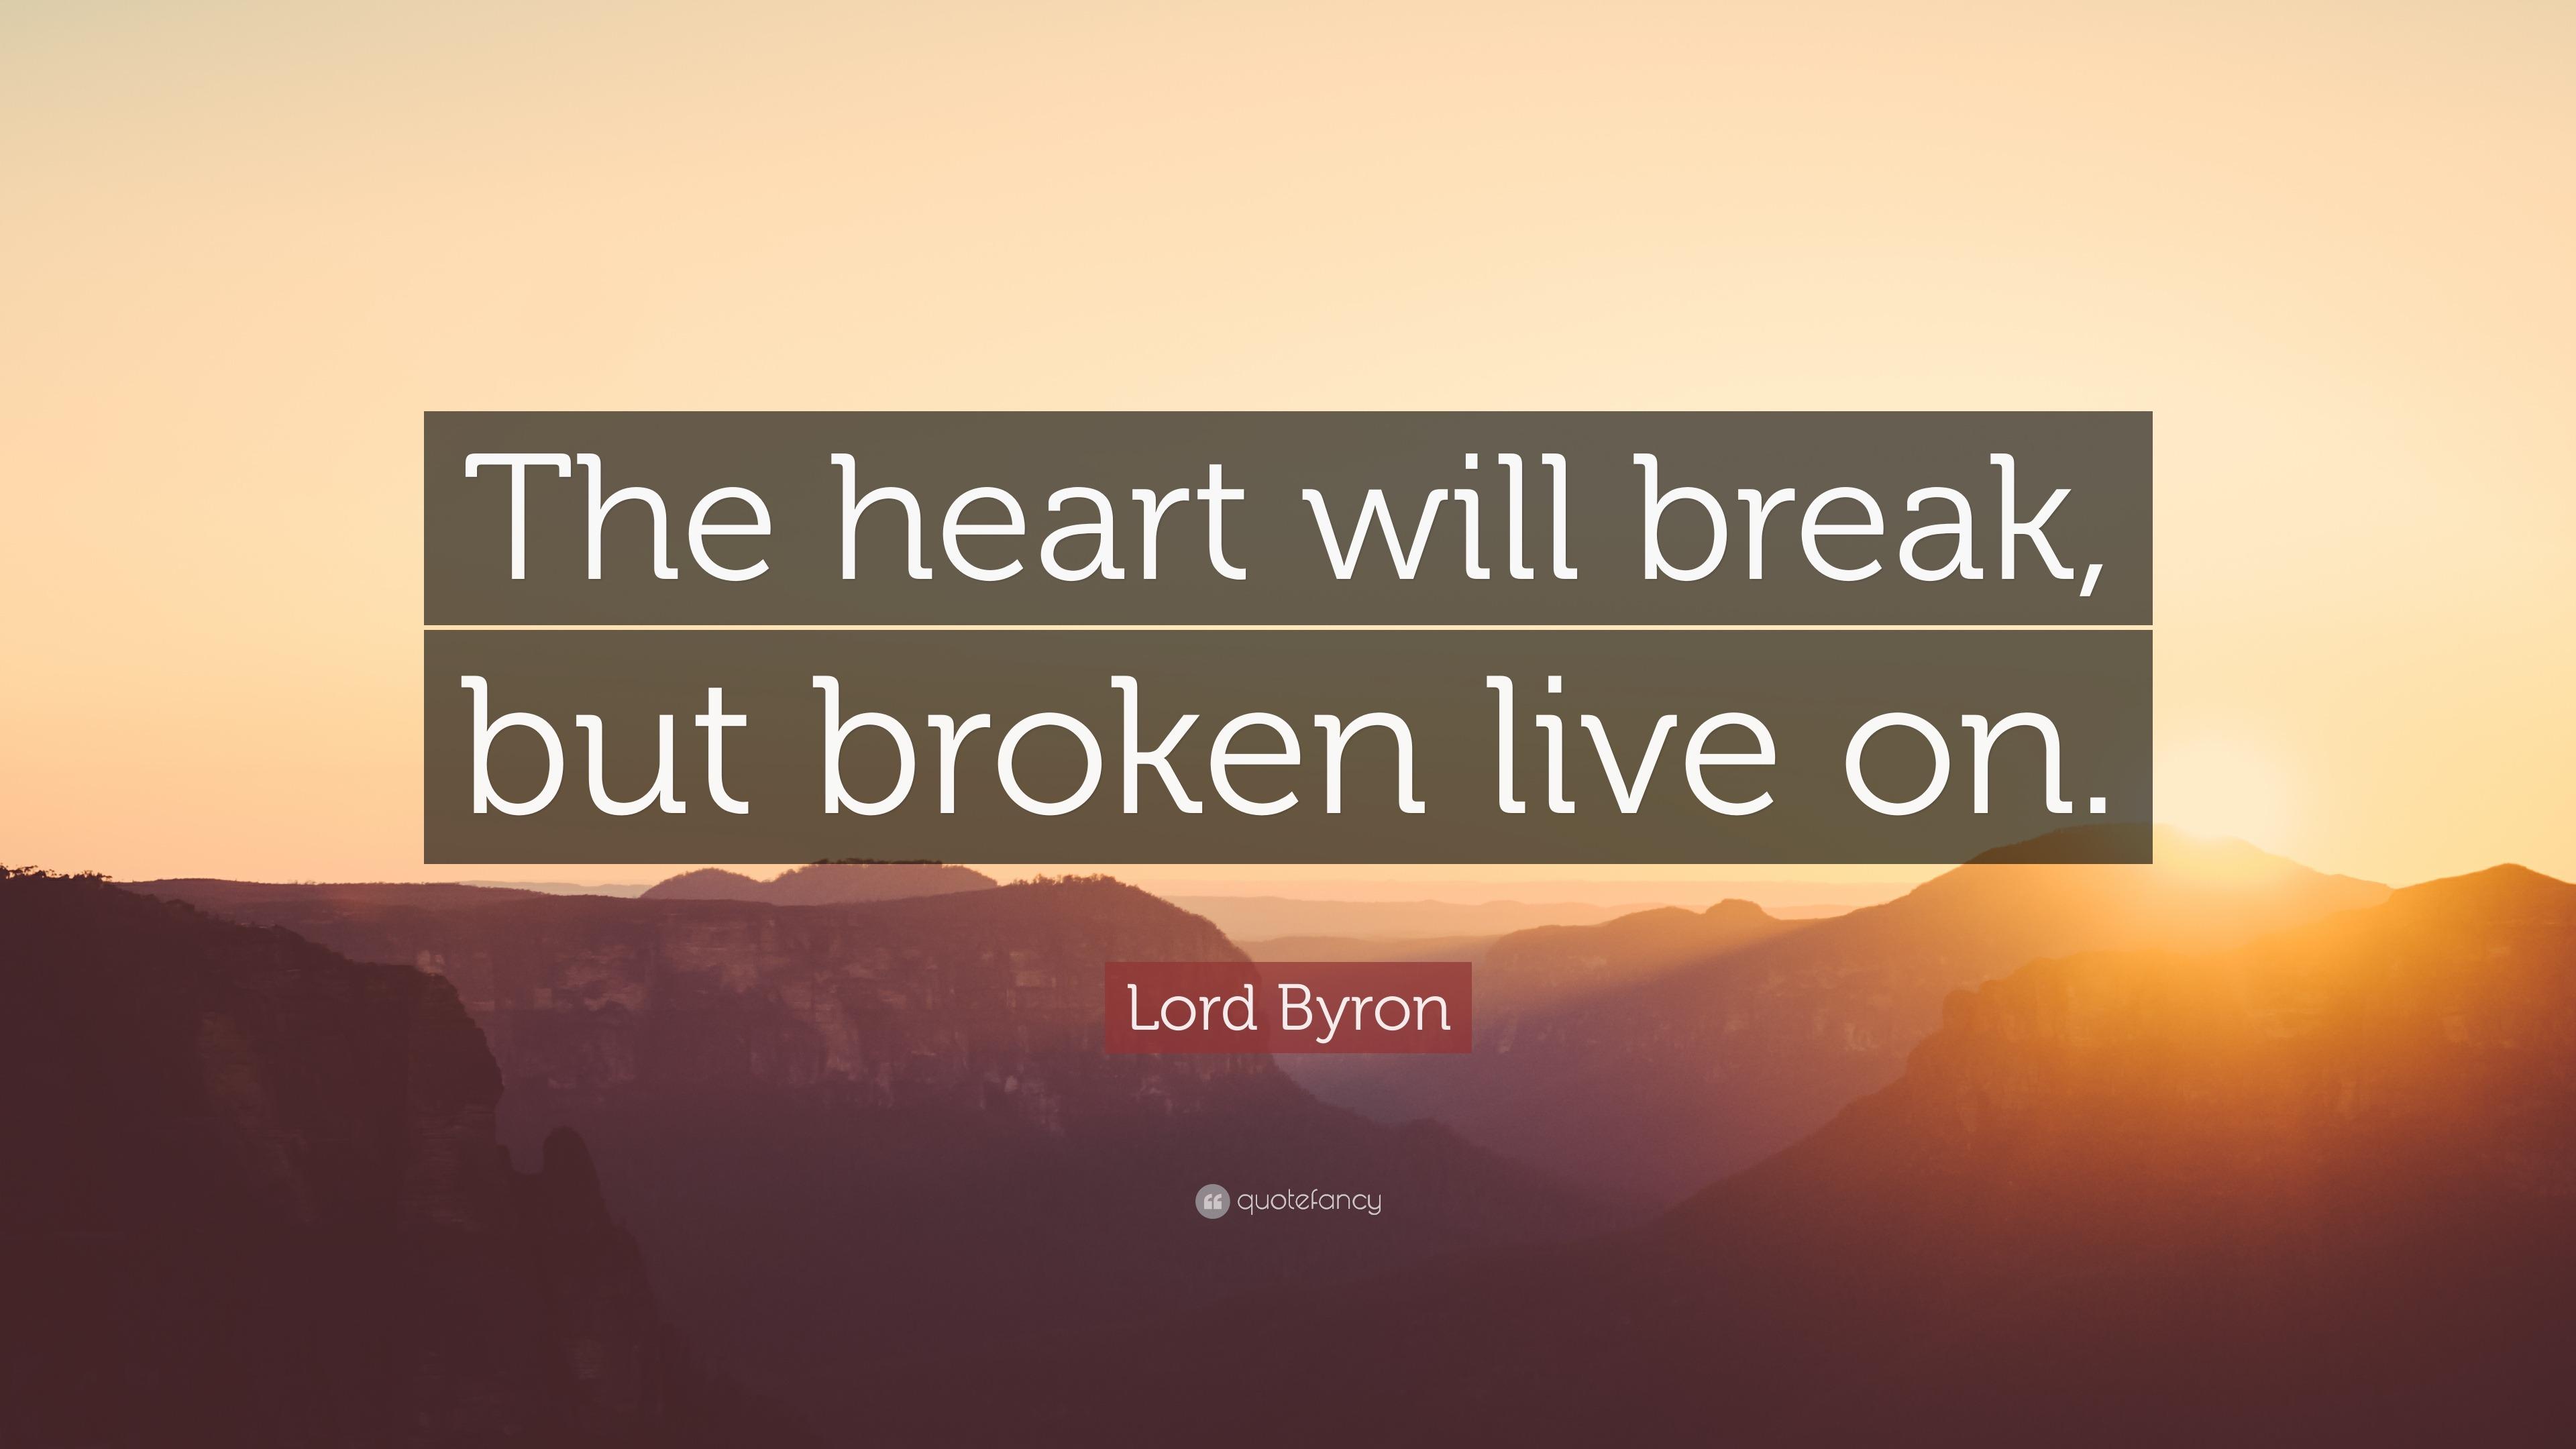 broken heart quotes the heart will break but broken live on